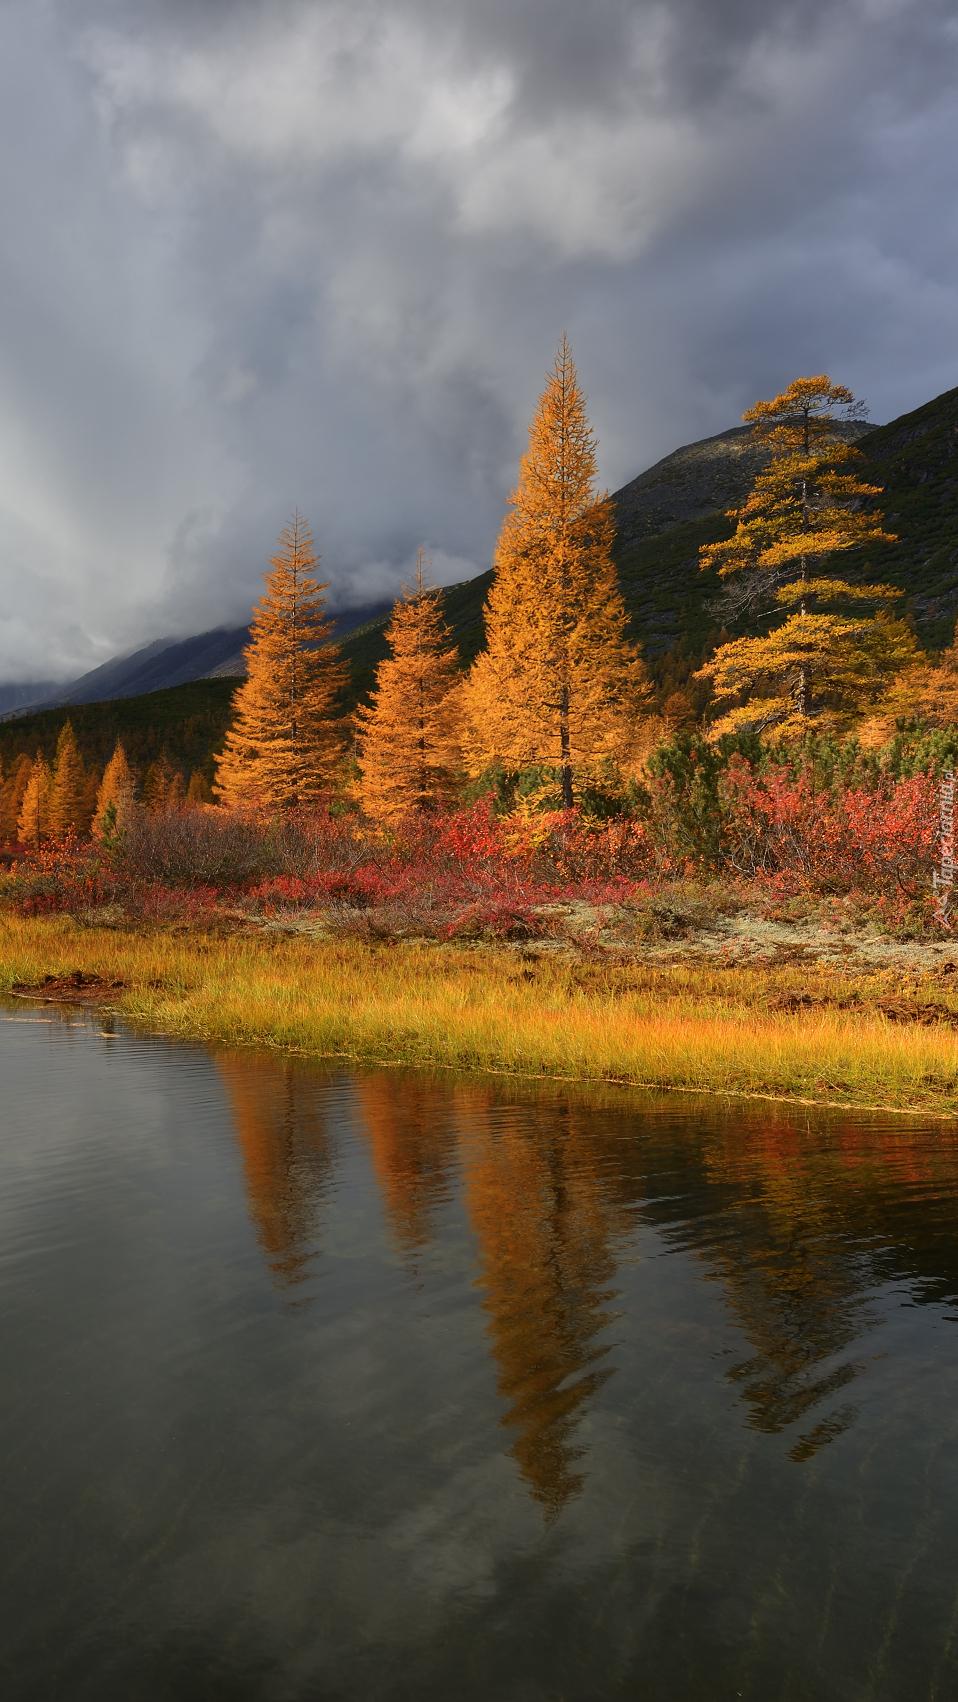 Drzewa nad jeziorem w górach